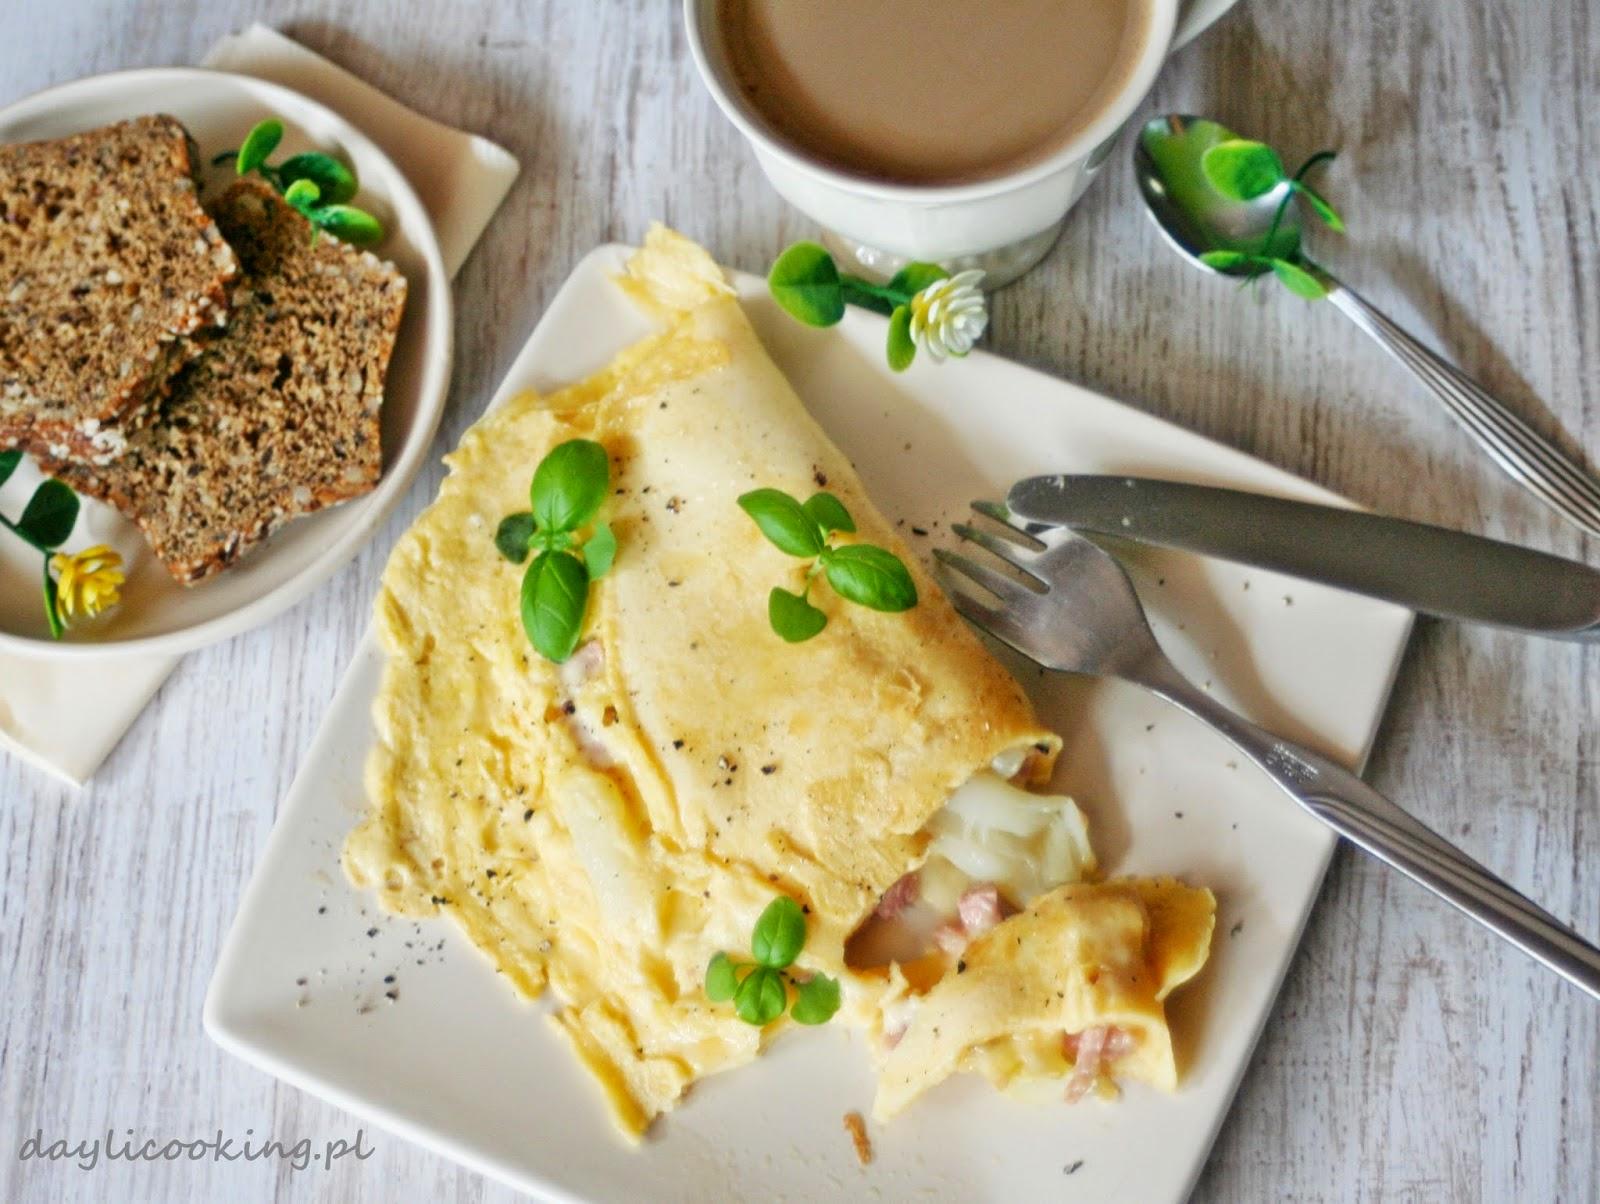 jak się robi omlet, przepis na omlet, daylicooking, sposób na szybkie sniadanie